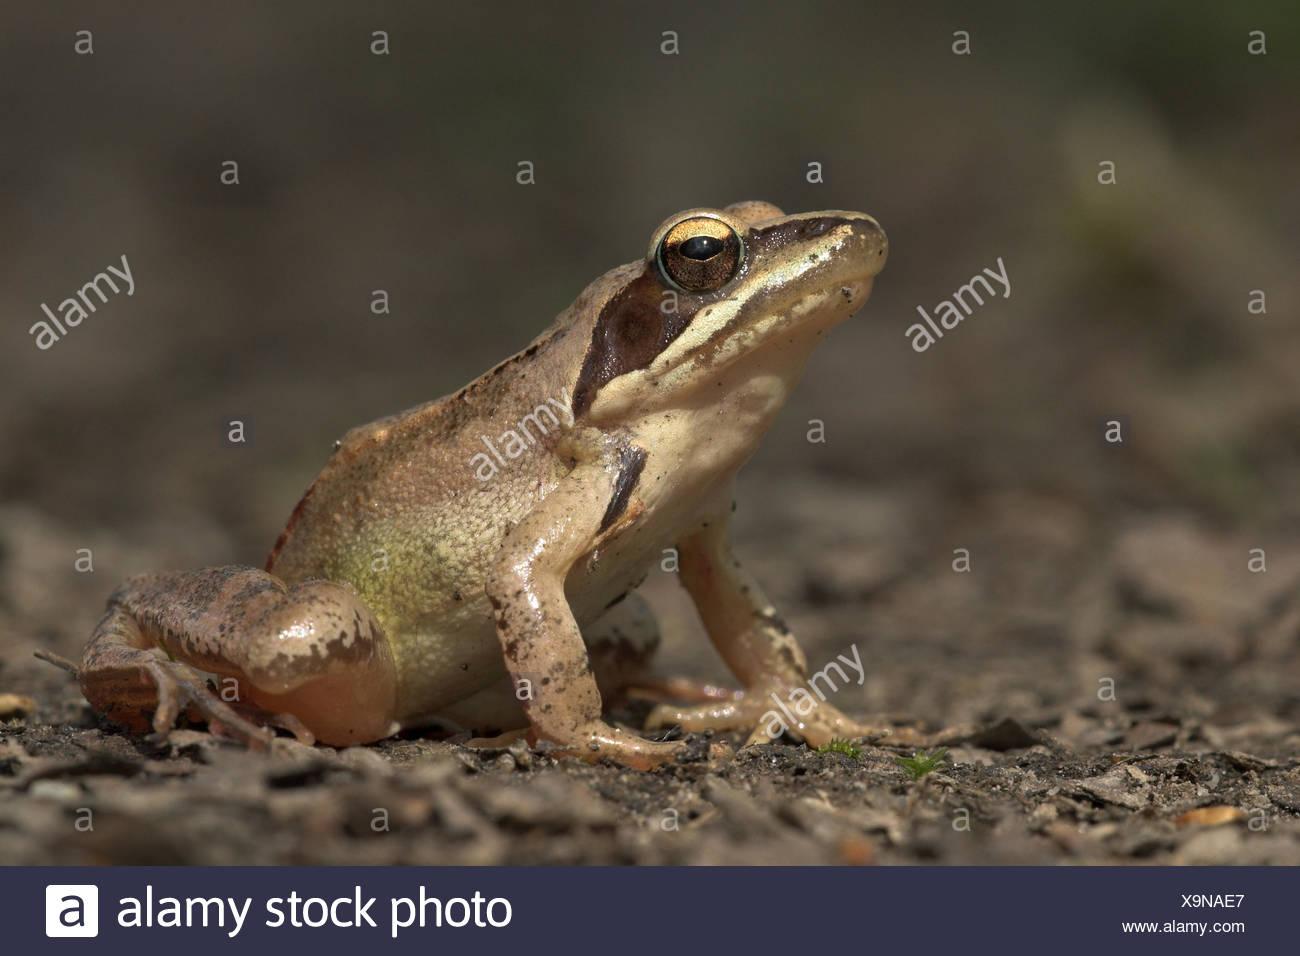 Immagine di una rana agile sul pavimento di forrest Immagini Stock